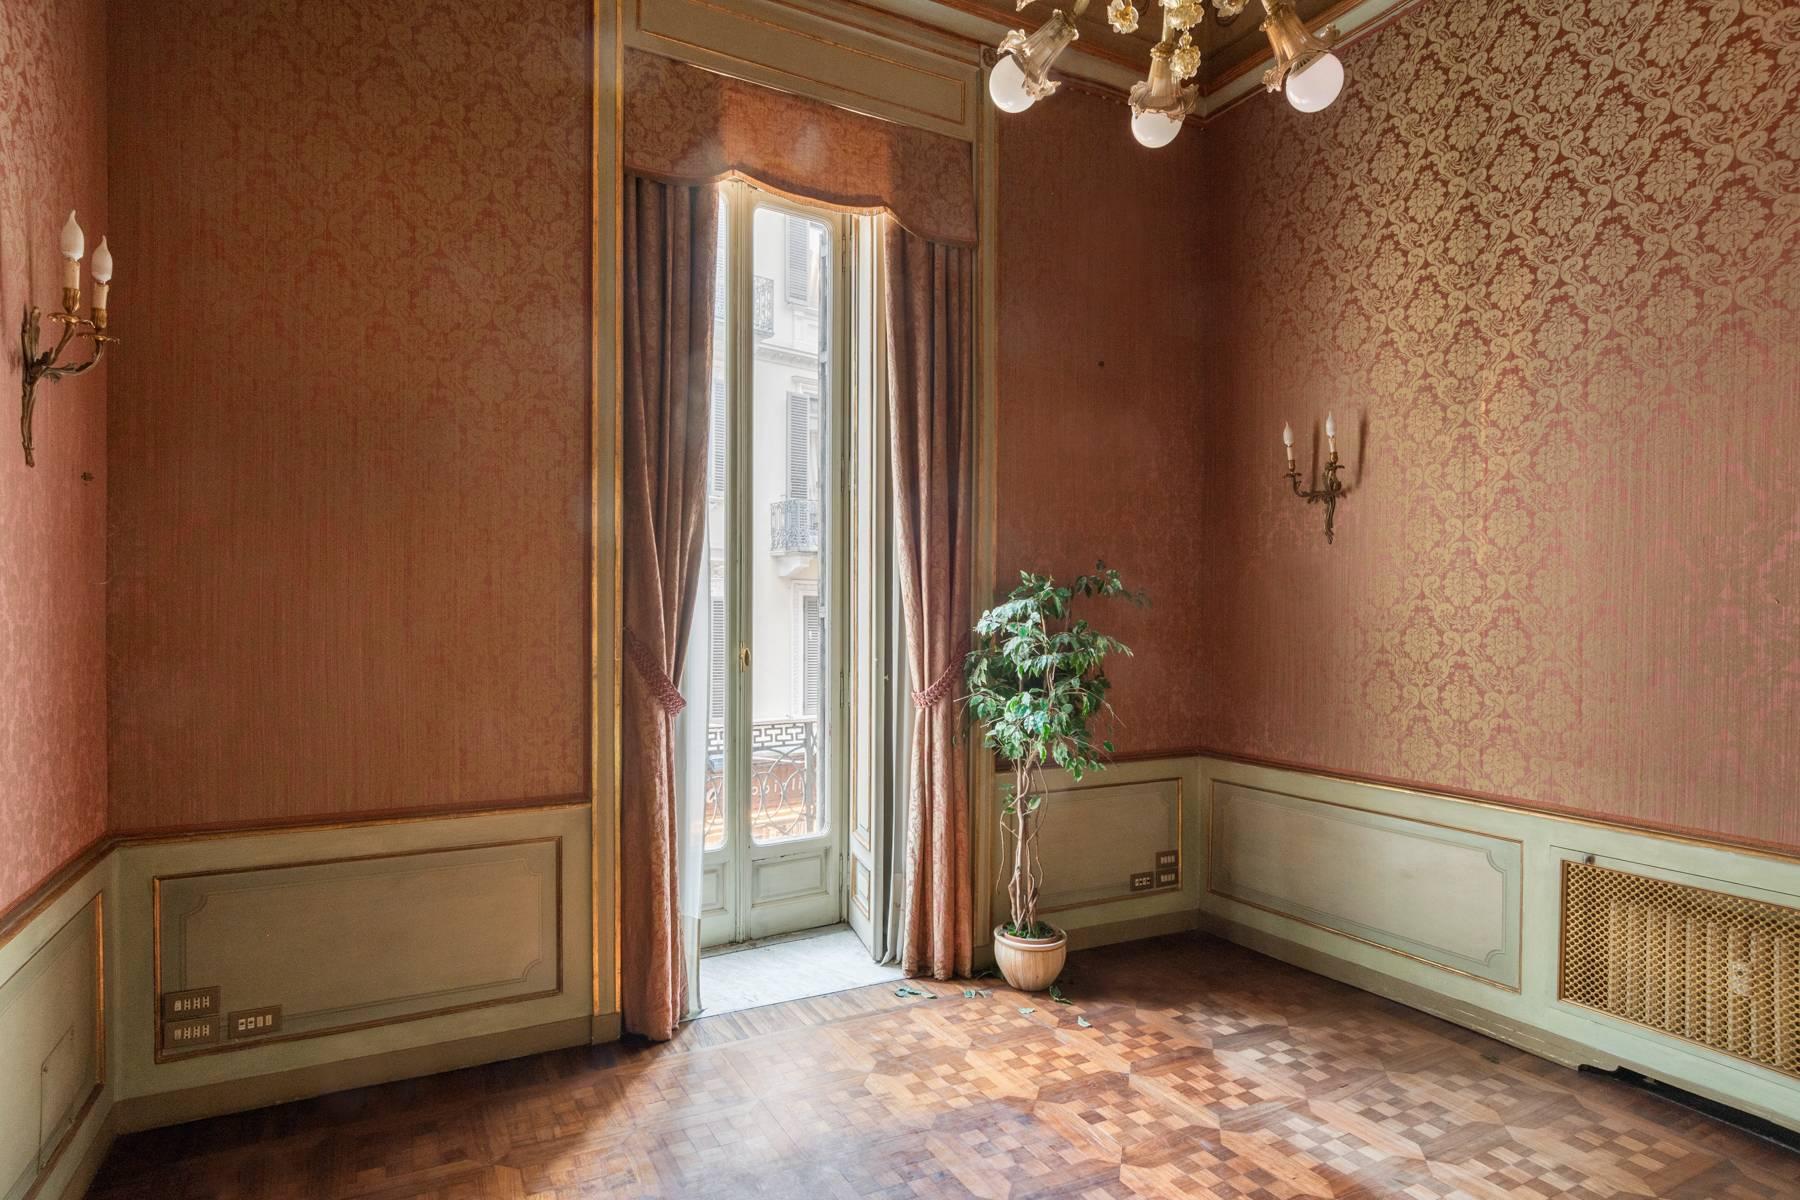 Appartement élégant dans un palais historique - 19